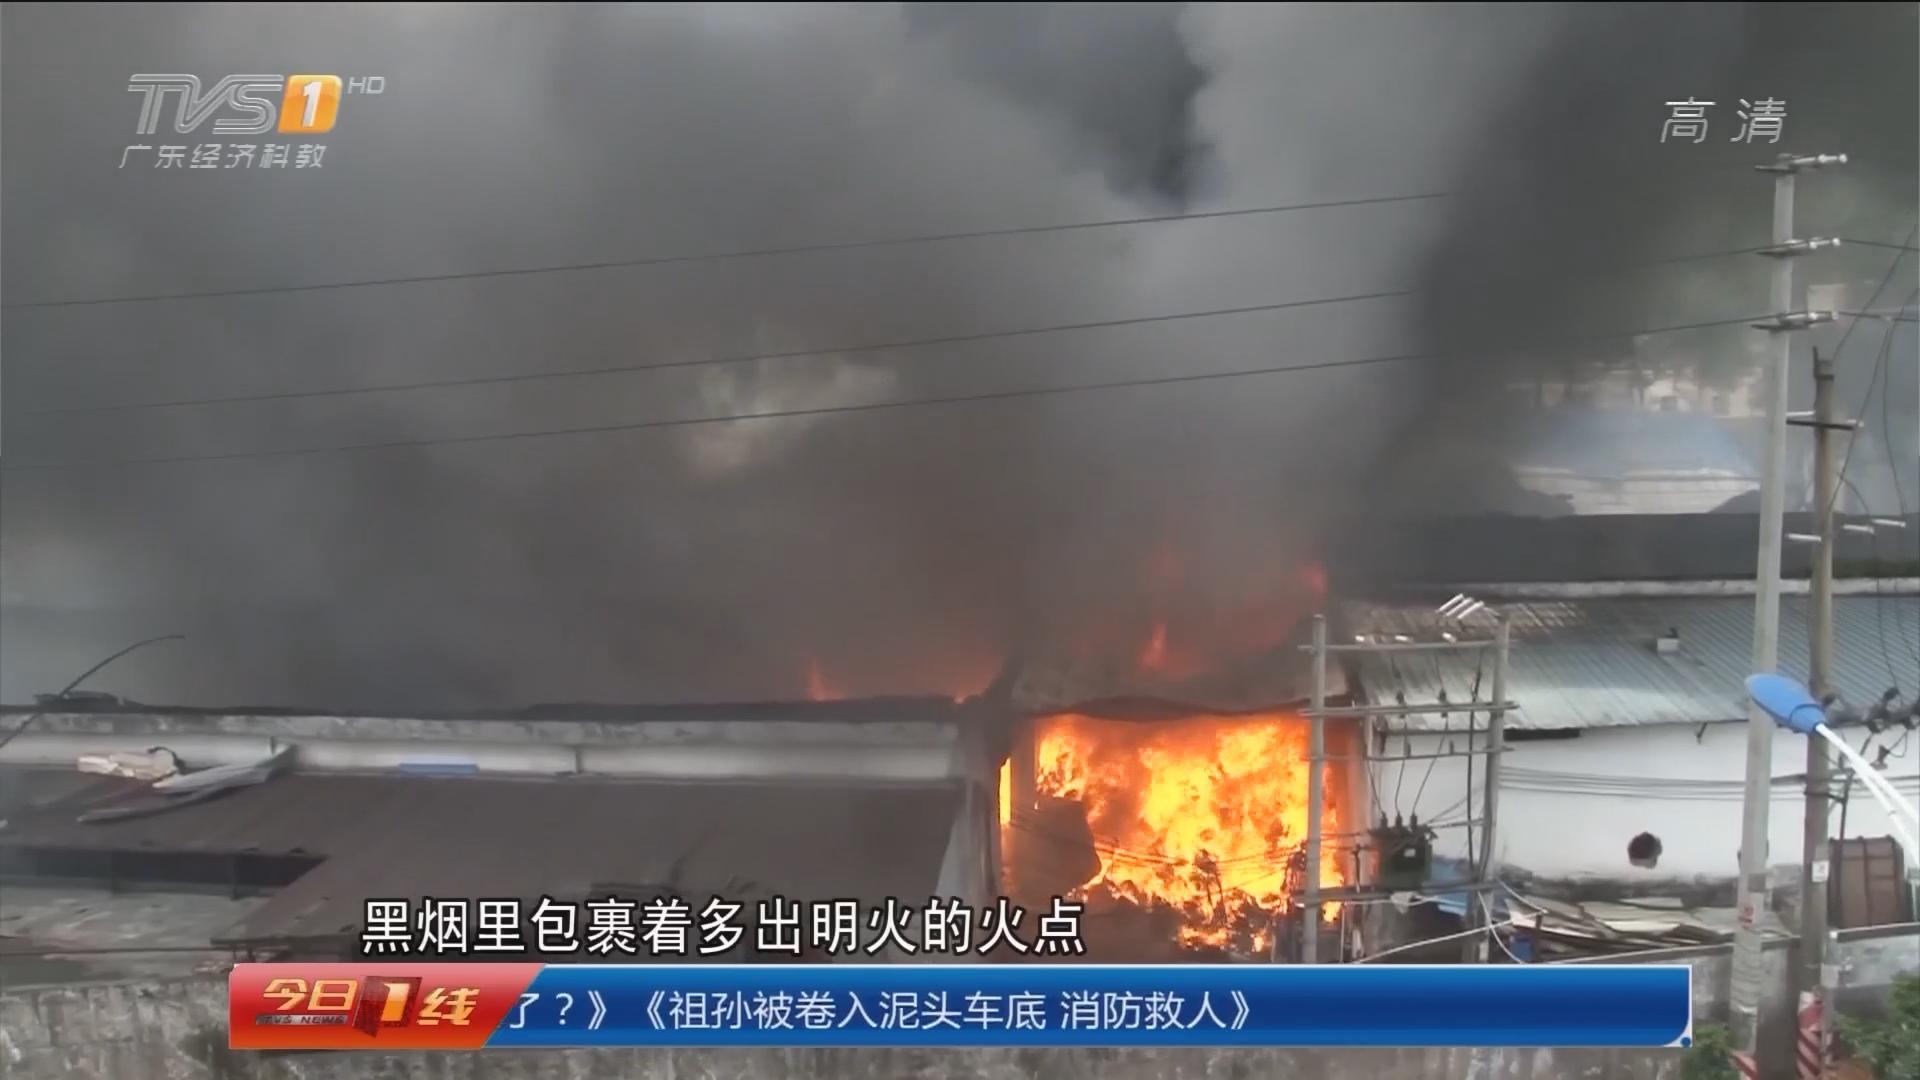 惠州惠阳:火场隔壁是化工厂 消防紧急出动